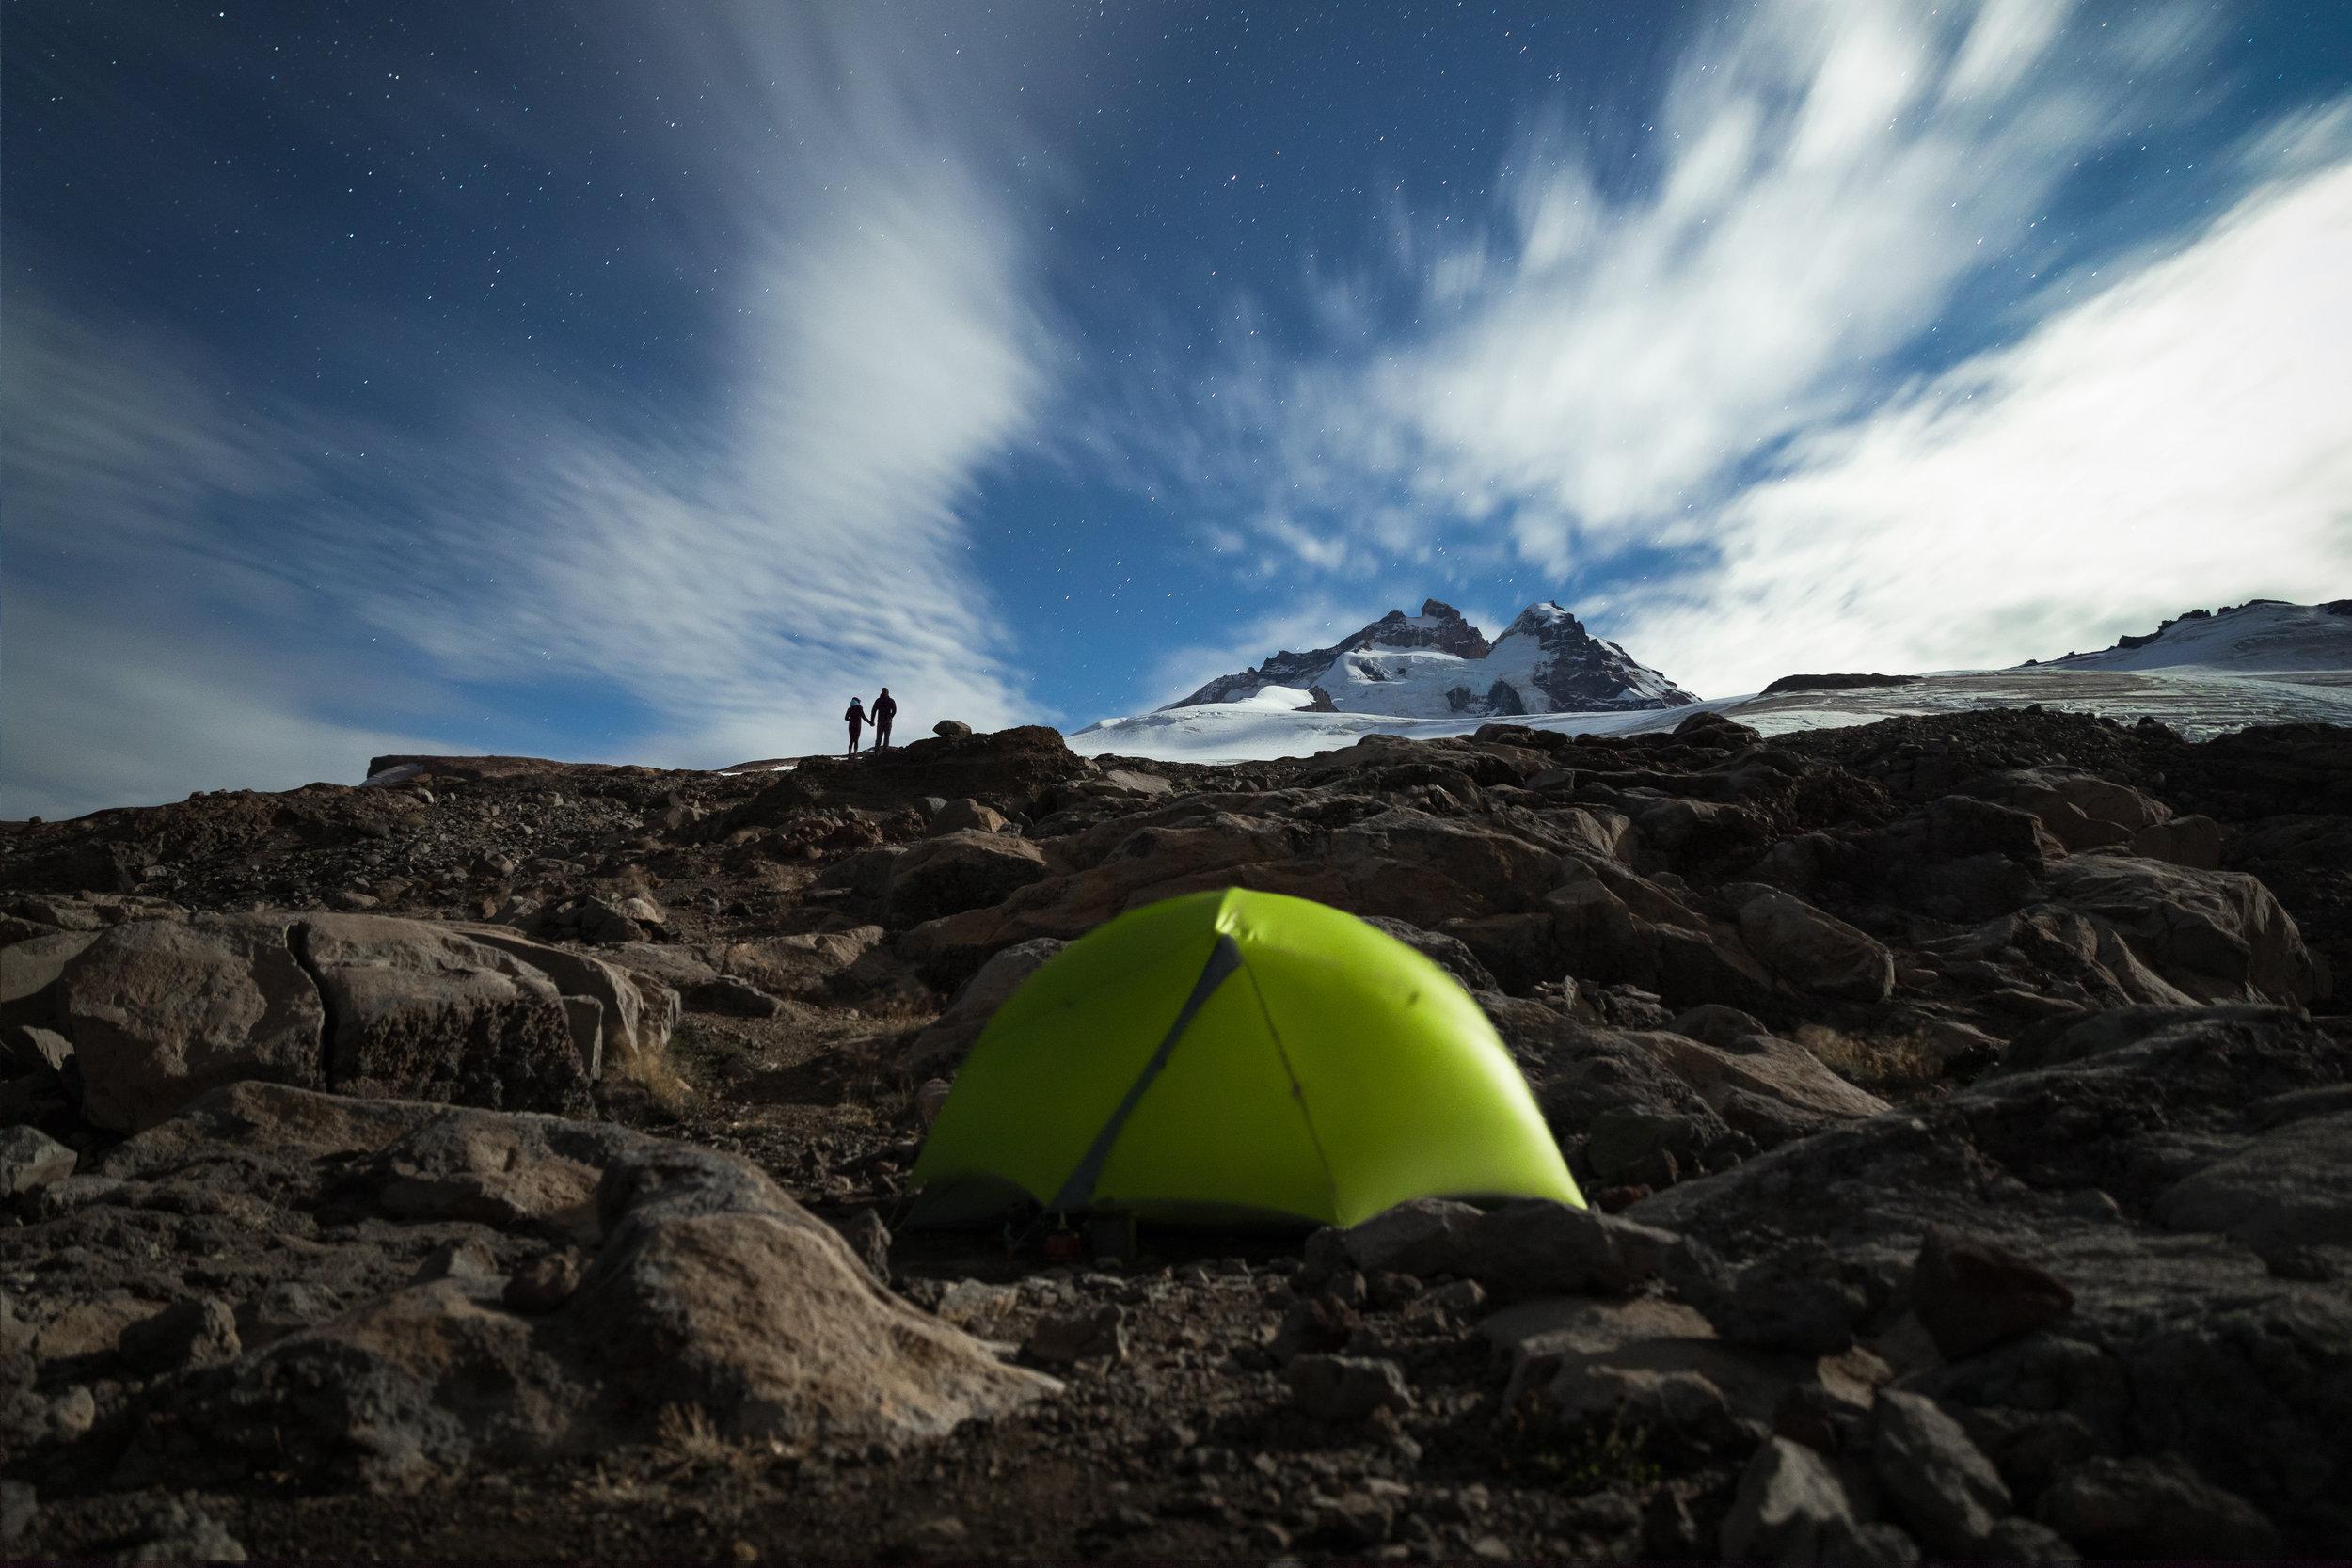 Patagonia_TaylorBurk-32.jpg